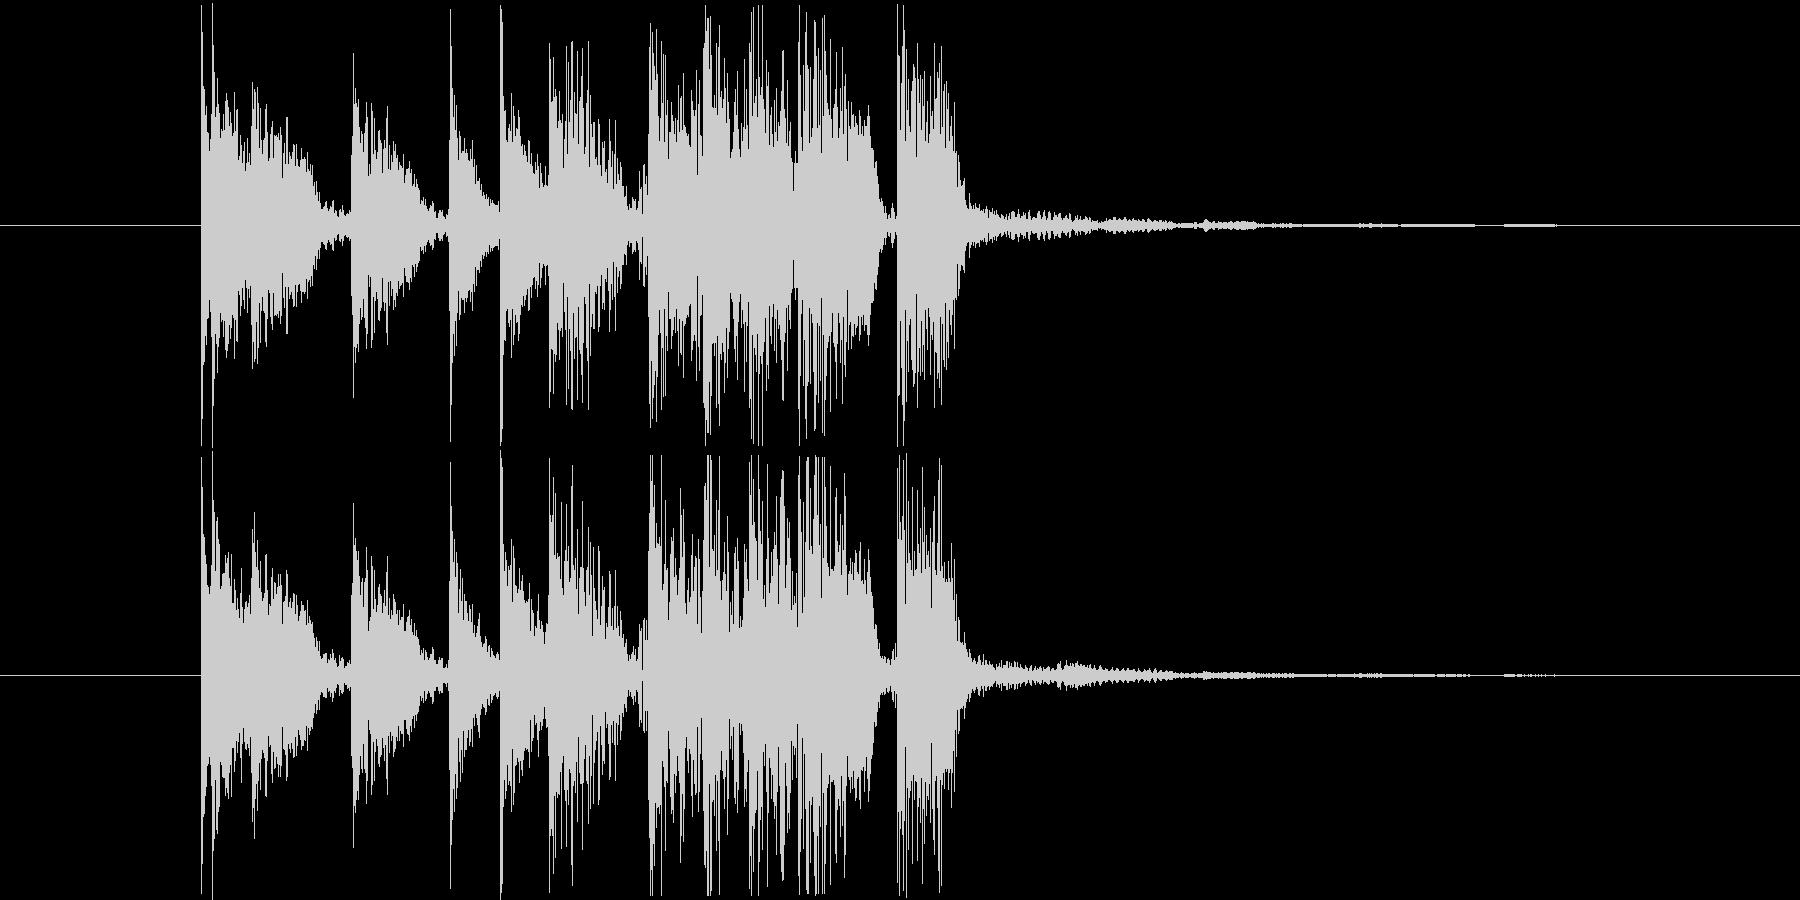 エレキギターの低音が印象的なジングルの未再生の波形